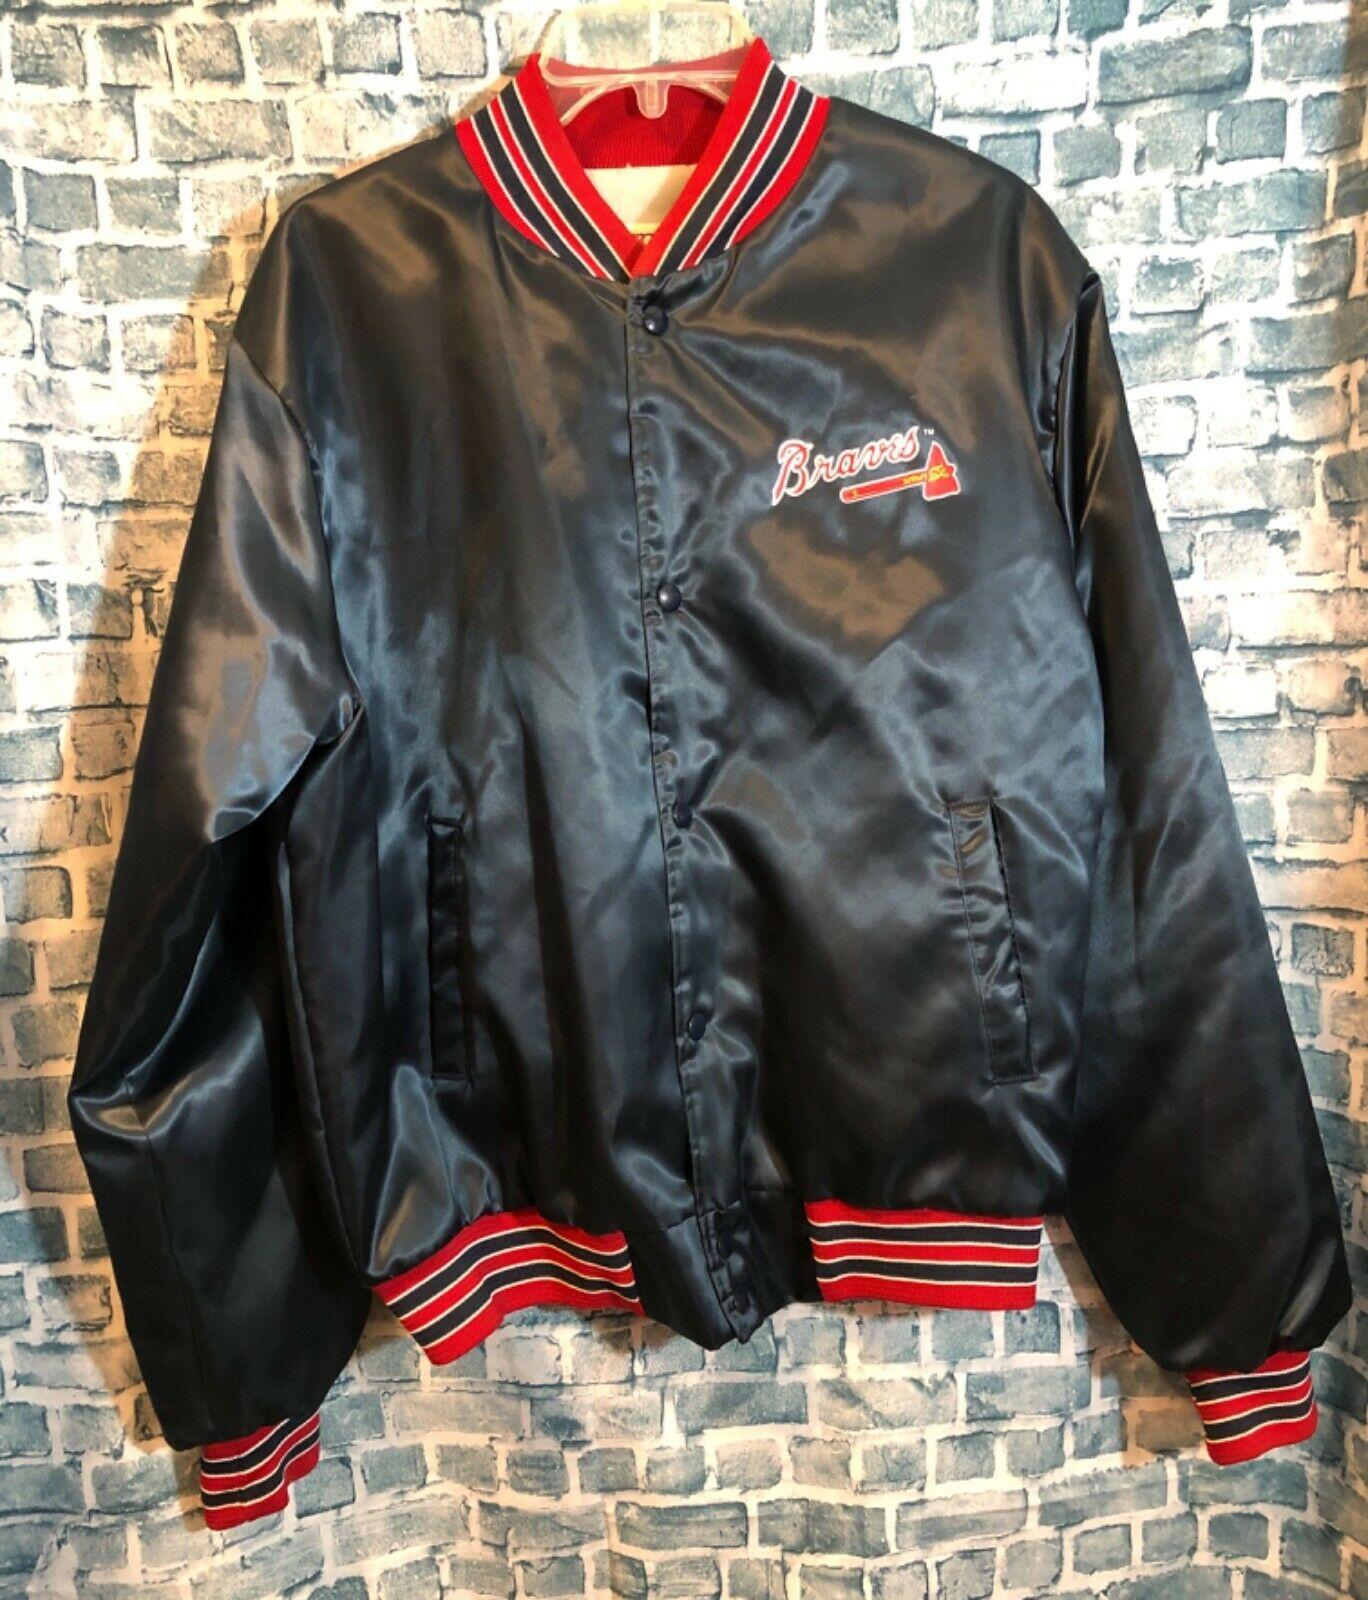 Vtg Locker Line Atlanta Braves Mlb Mens Sz M Satin Varsity Jacket 90s Retro Atlanta Braves Braves Jackets